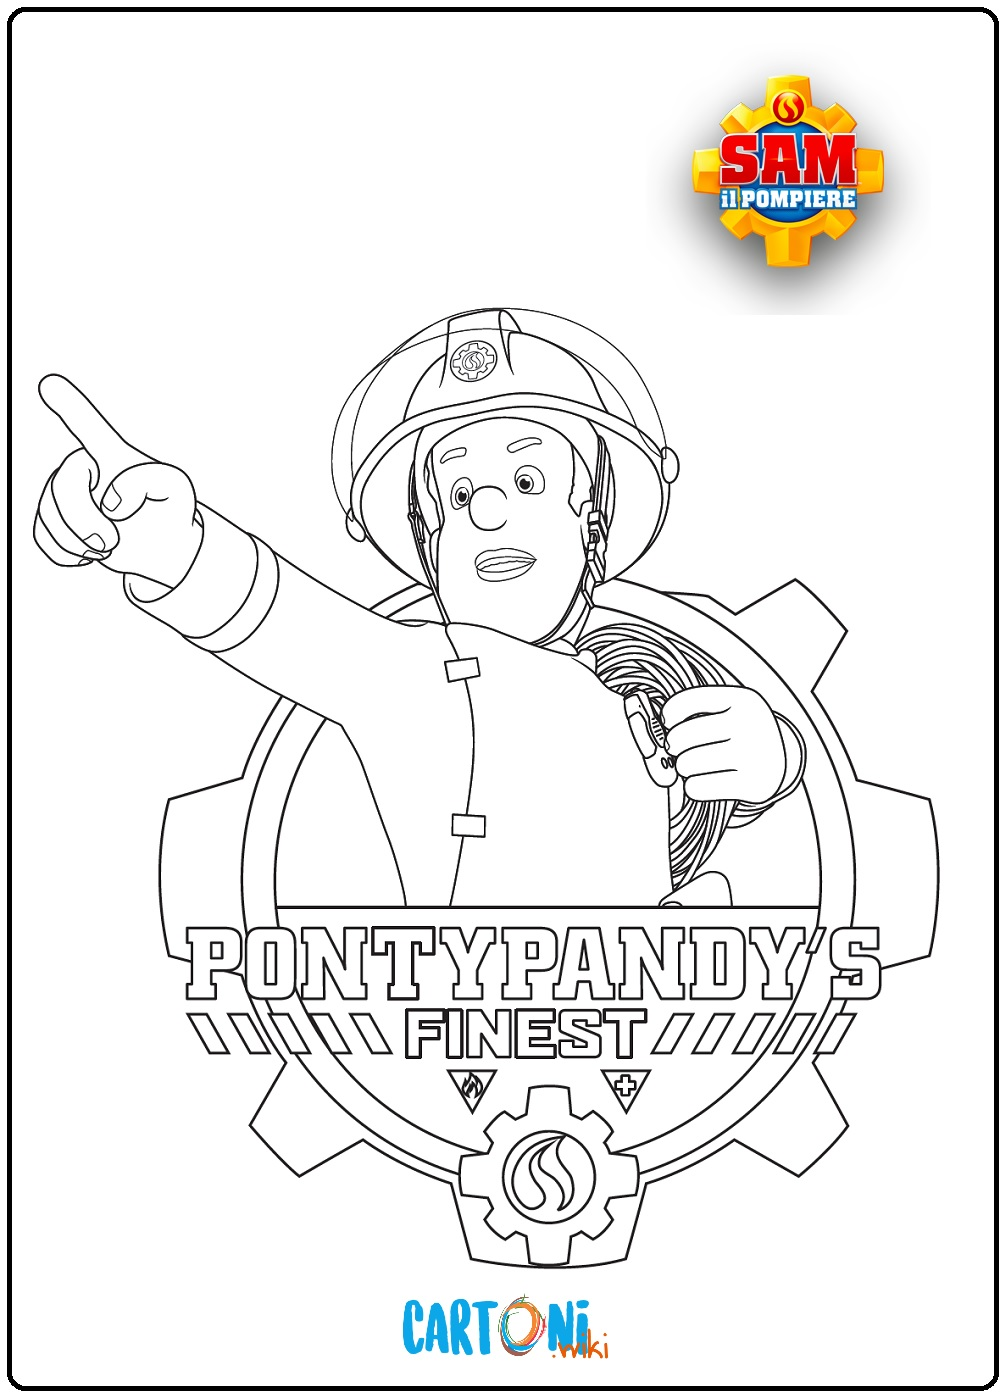 Sam il pompiere disegni da colorare - Cartoni animati